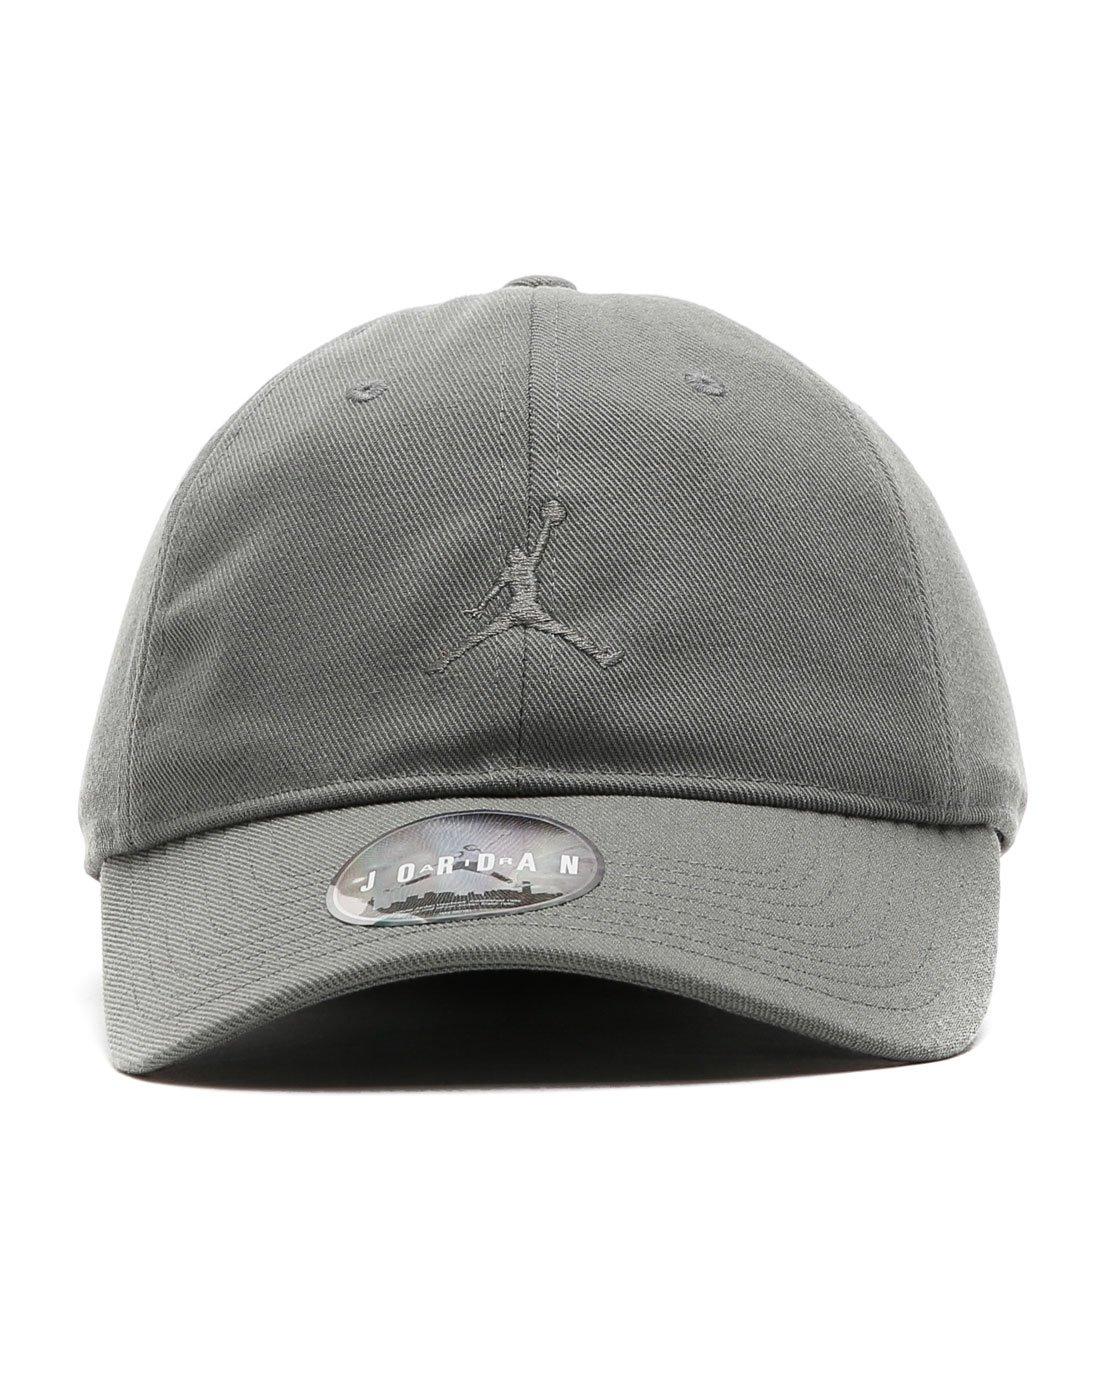 0e7a083c771 Amazon.com: Jordan Jumpman H86 Adjustable Hat - Men's - 847143 018 !!  Green: Sports & Outdoors